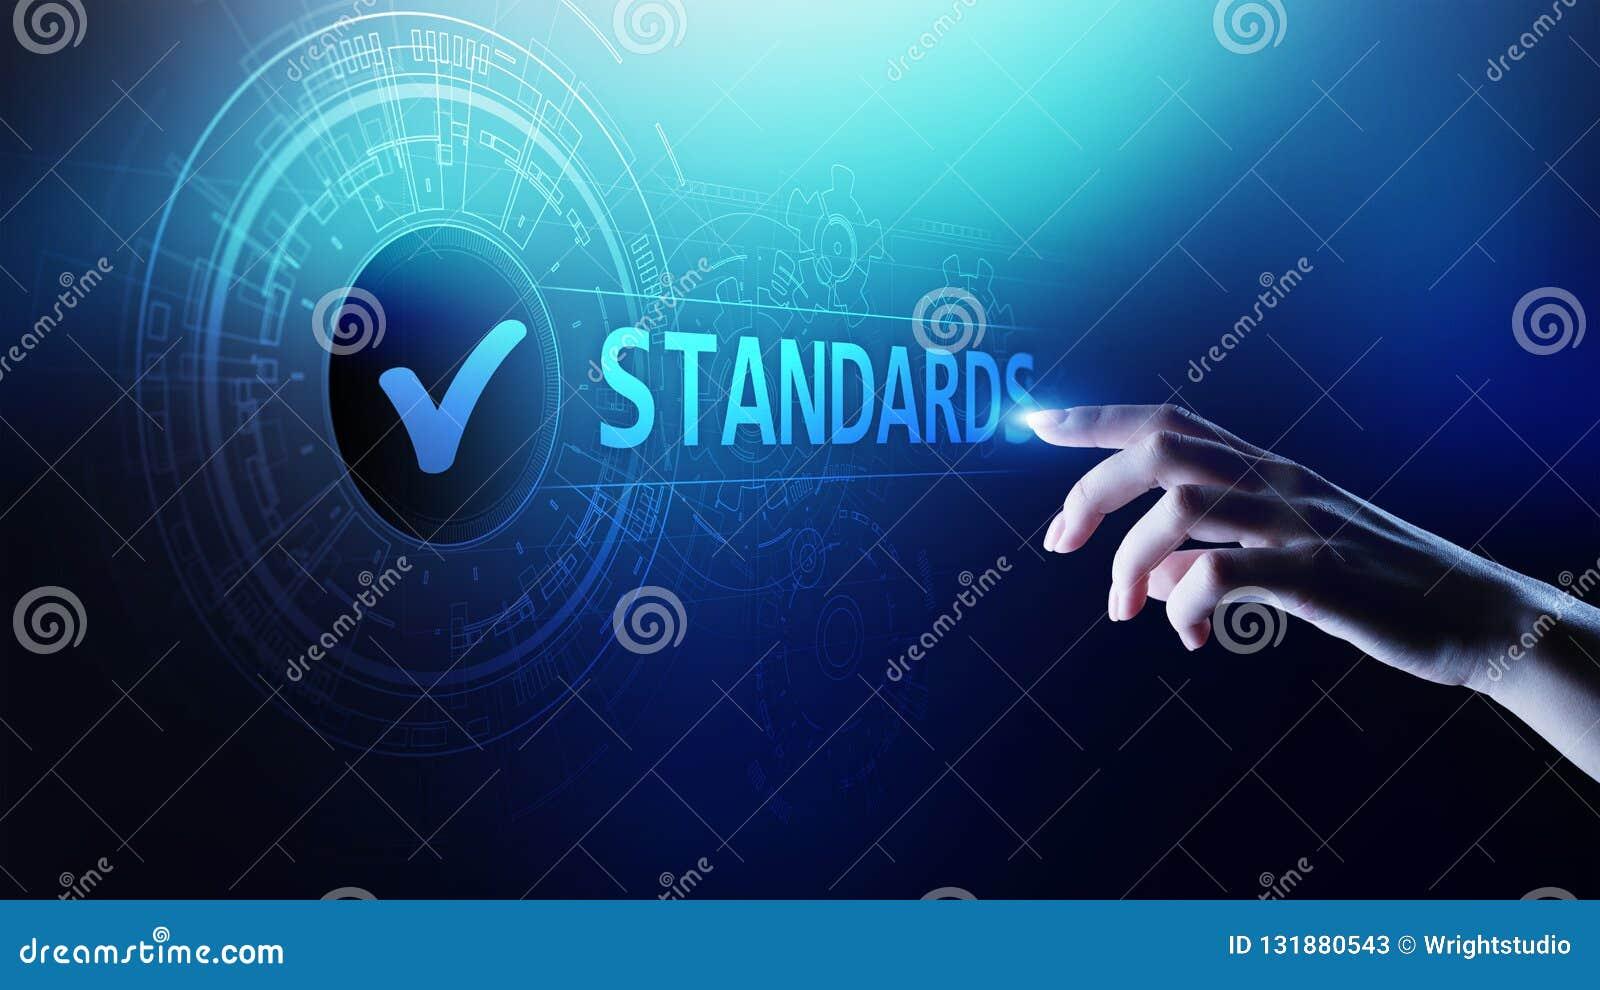 πρότυπα Ποιοτικός έλεγχος Πιστοποίηση, διαβεβαίωση και εγγύηση του ISO Έννοια επιχειρησιακής τεχνολογίας Διαδικτύου